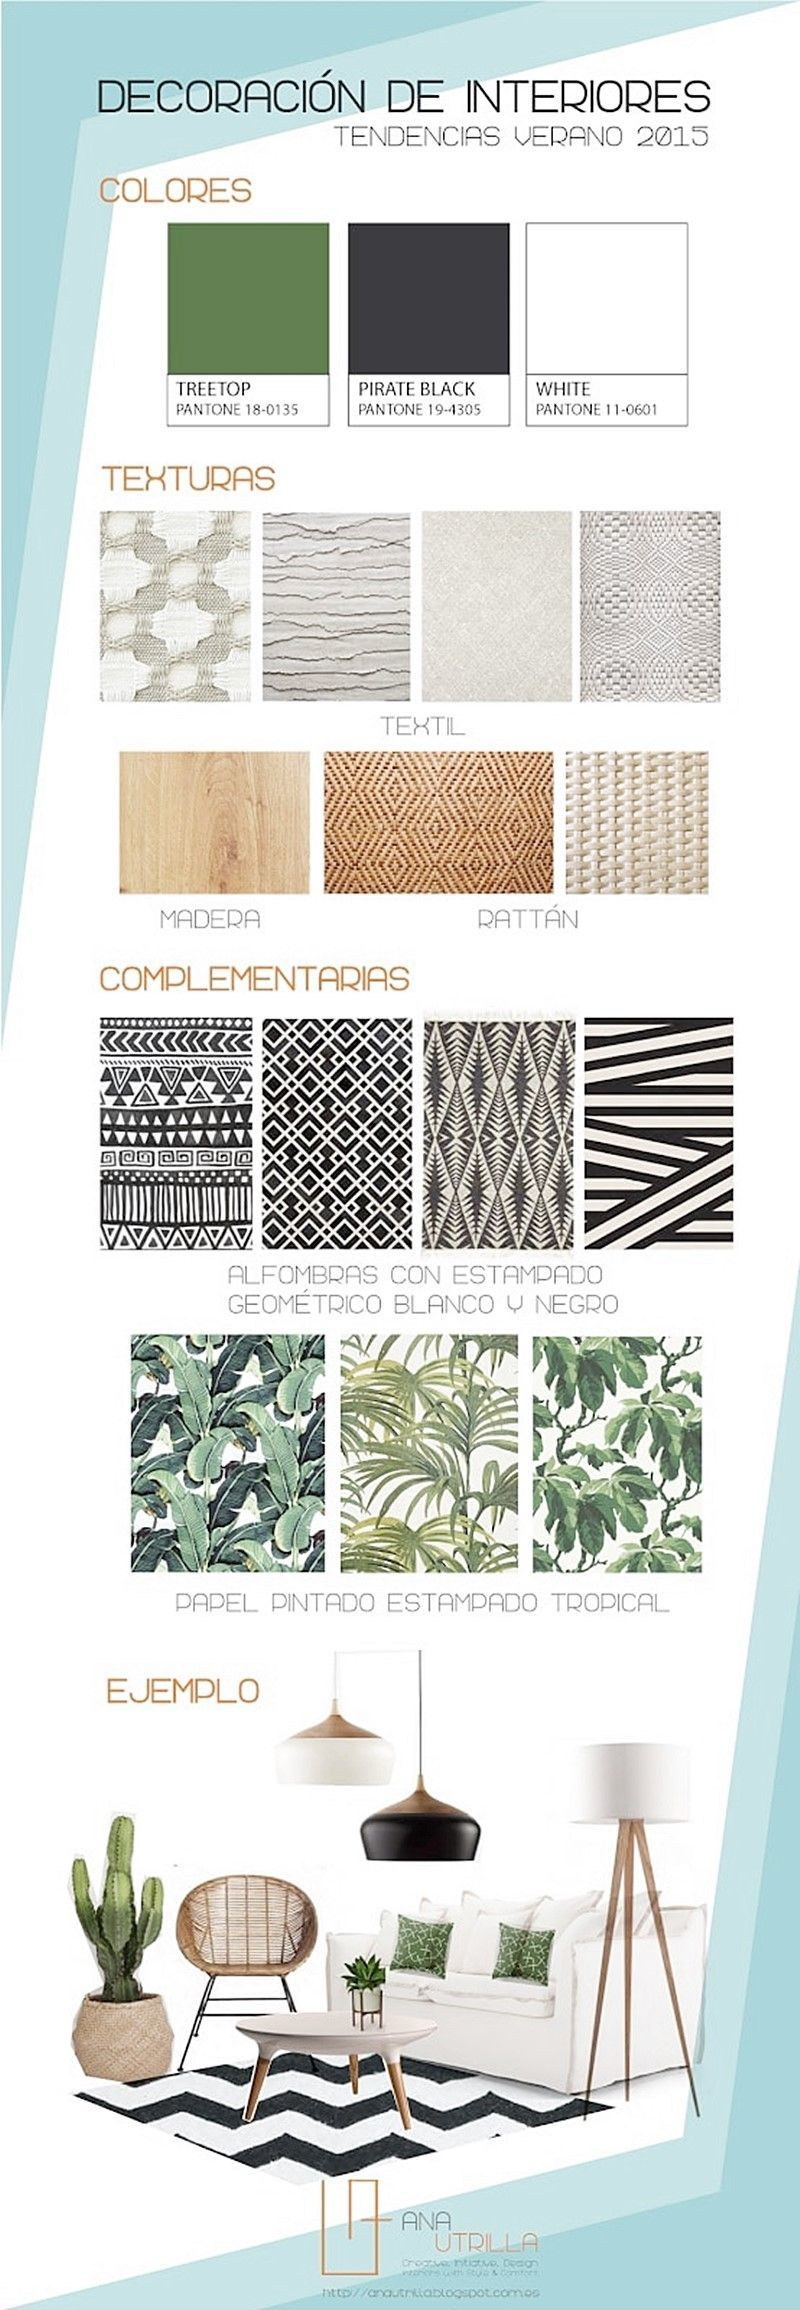 Infografía resumen de cómo decorar con estilo tropical o boho chic nuestros espacios por Ana Utrilla